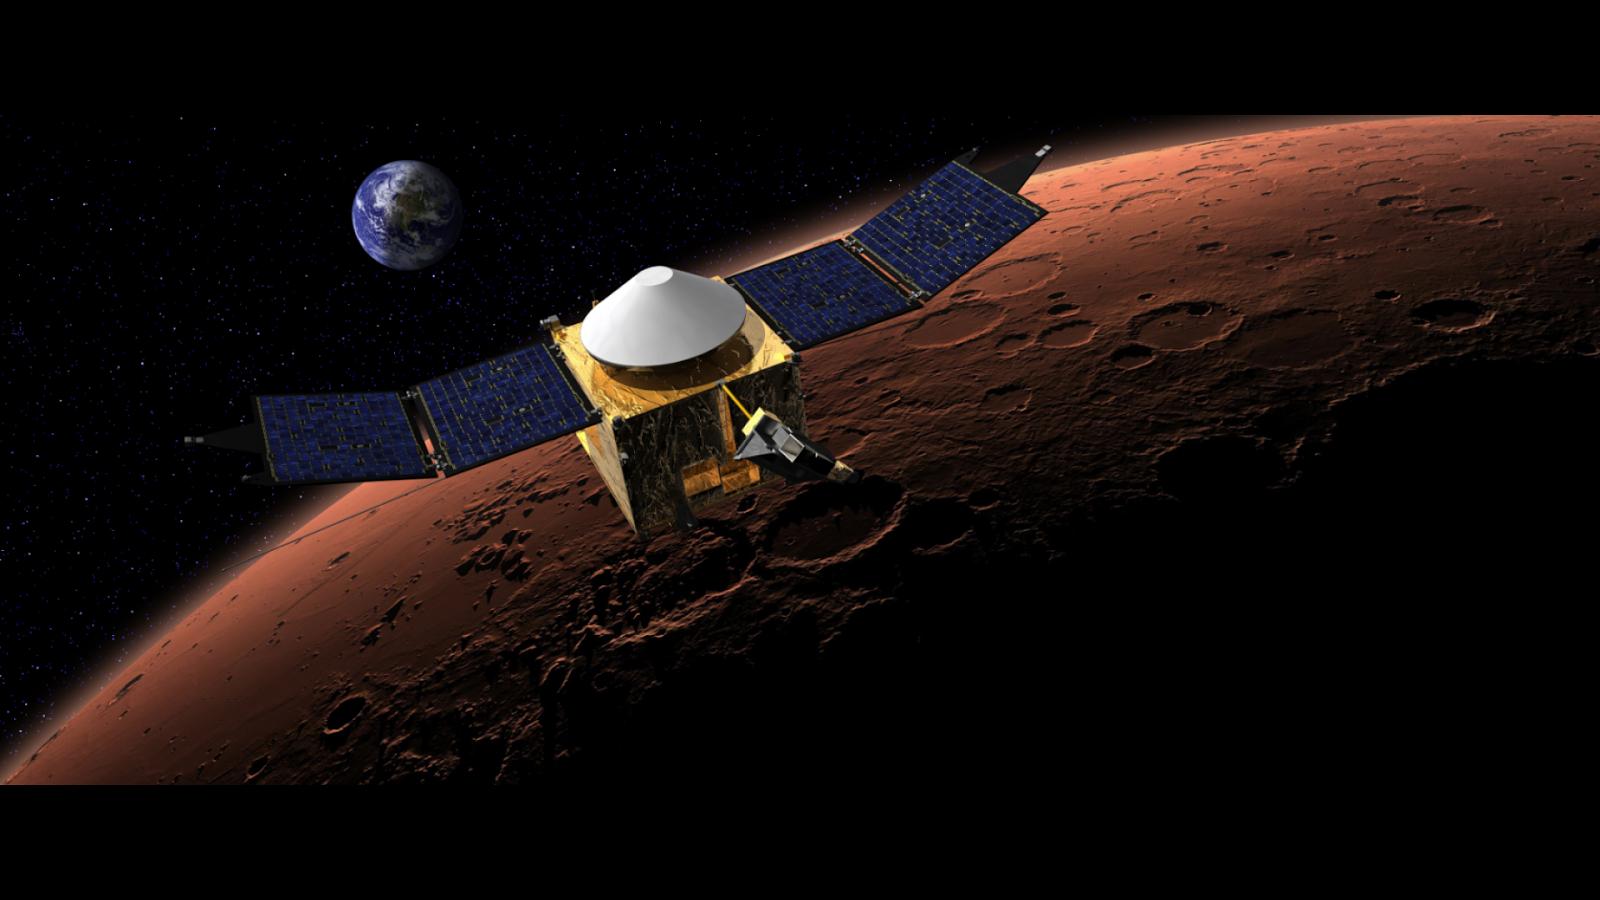 Nave espacial llega a Marte luego de 10 meses en el espacio